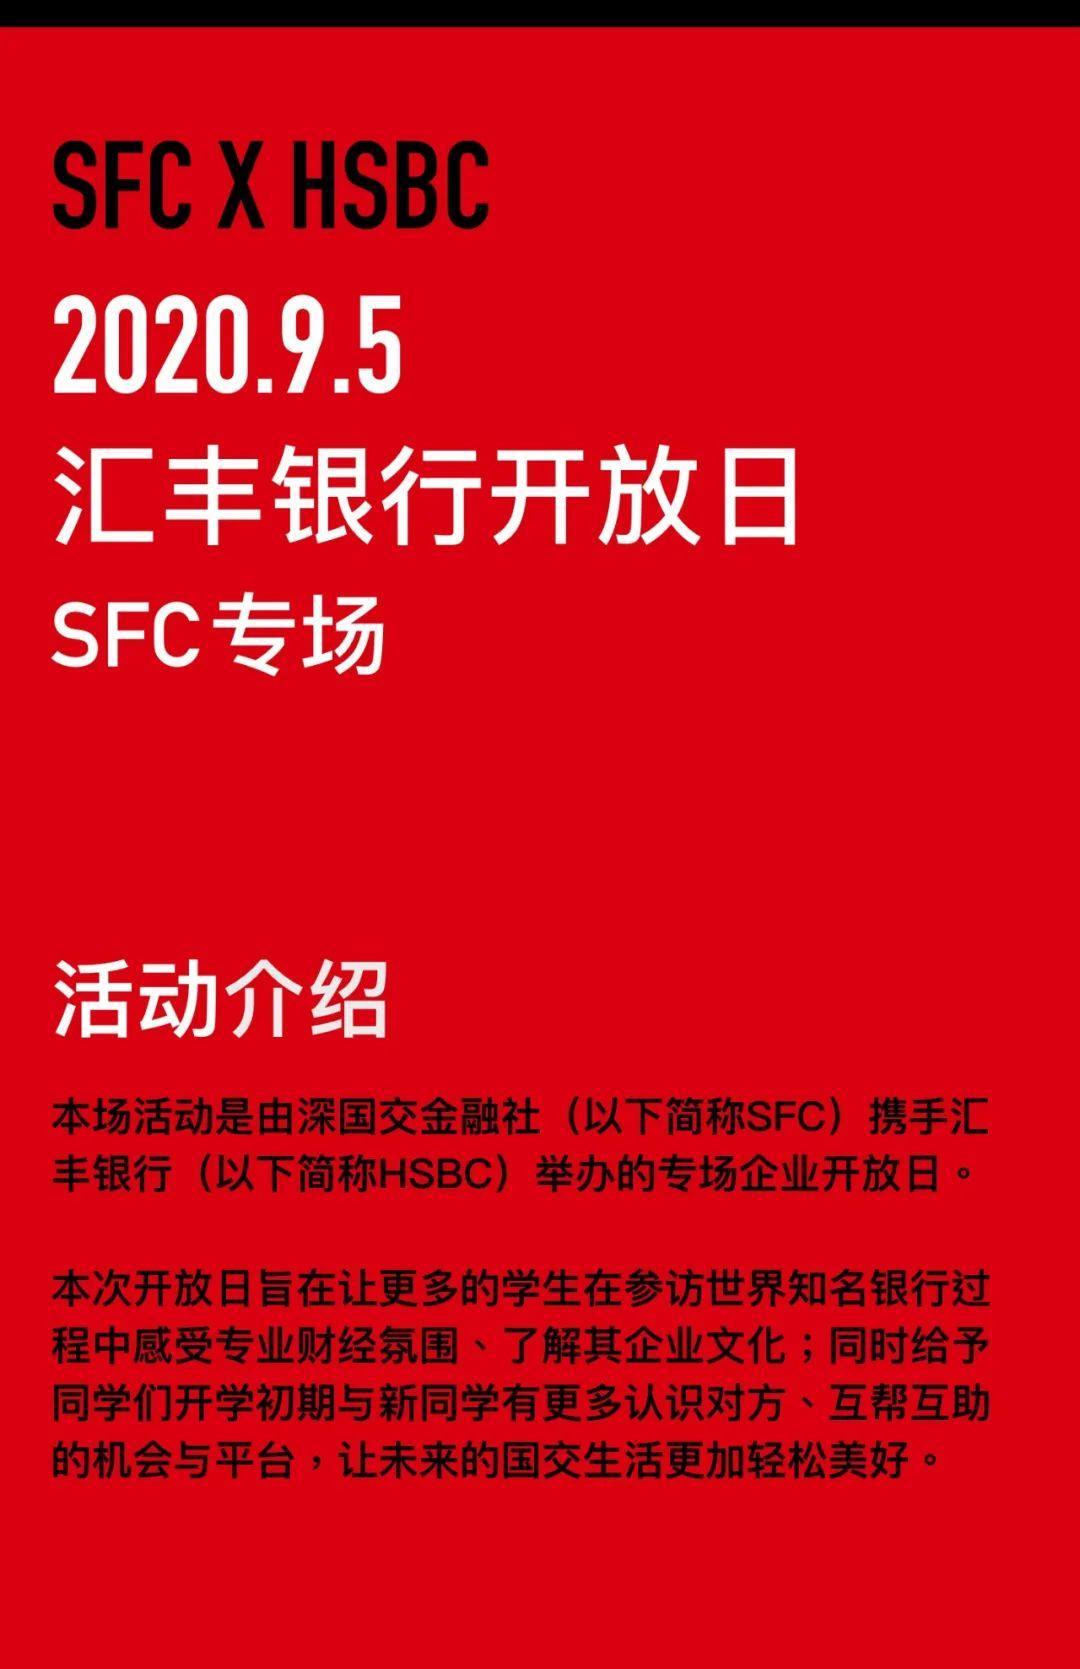 深国交金融社:HSBC X SFC|汇丰银行专场开放日